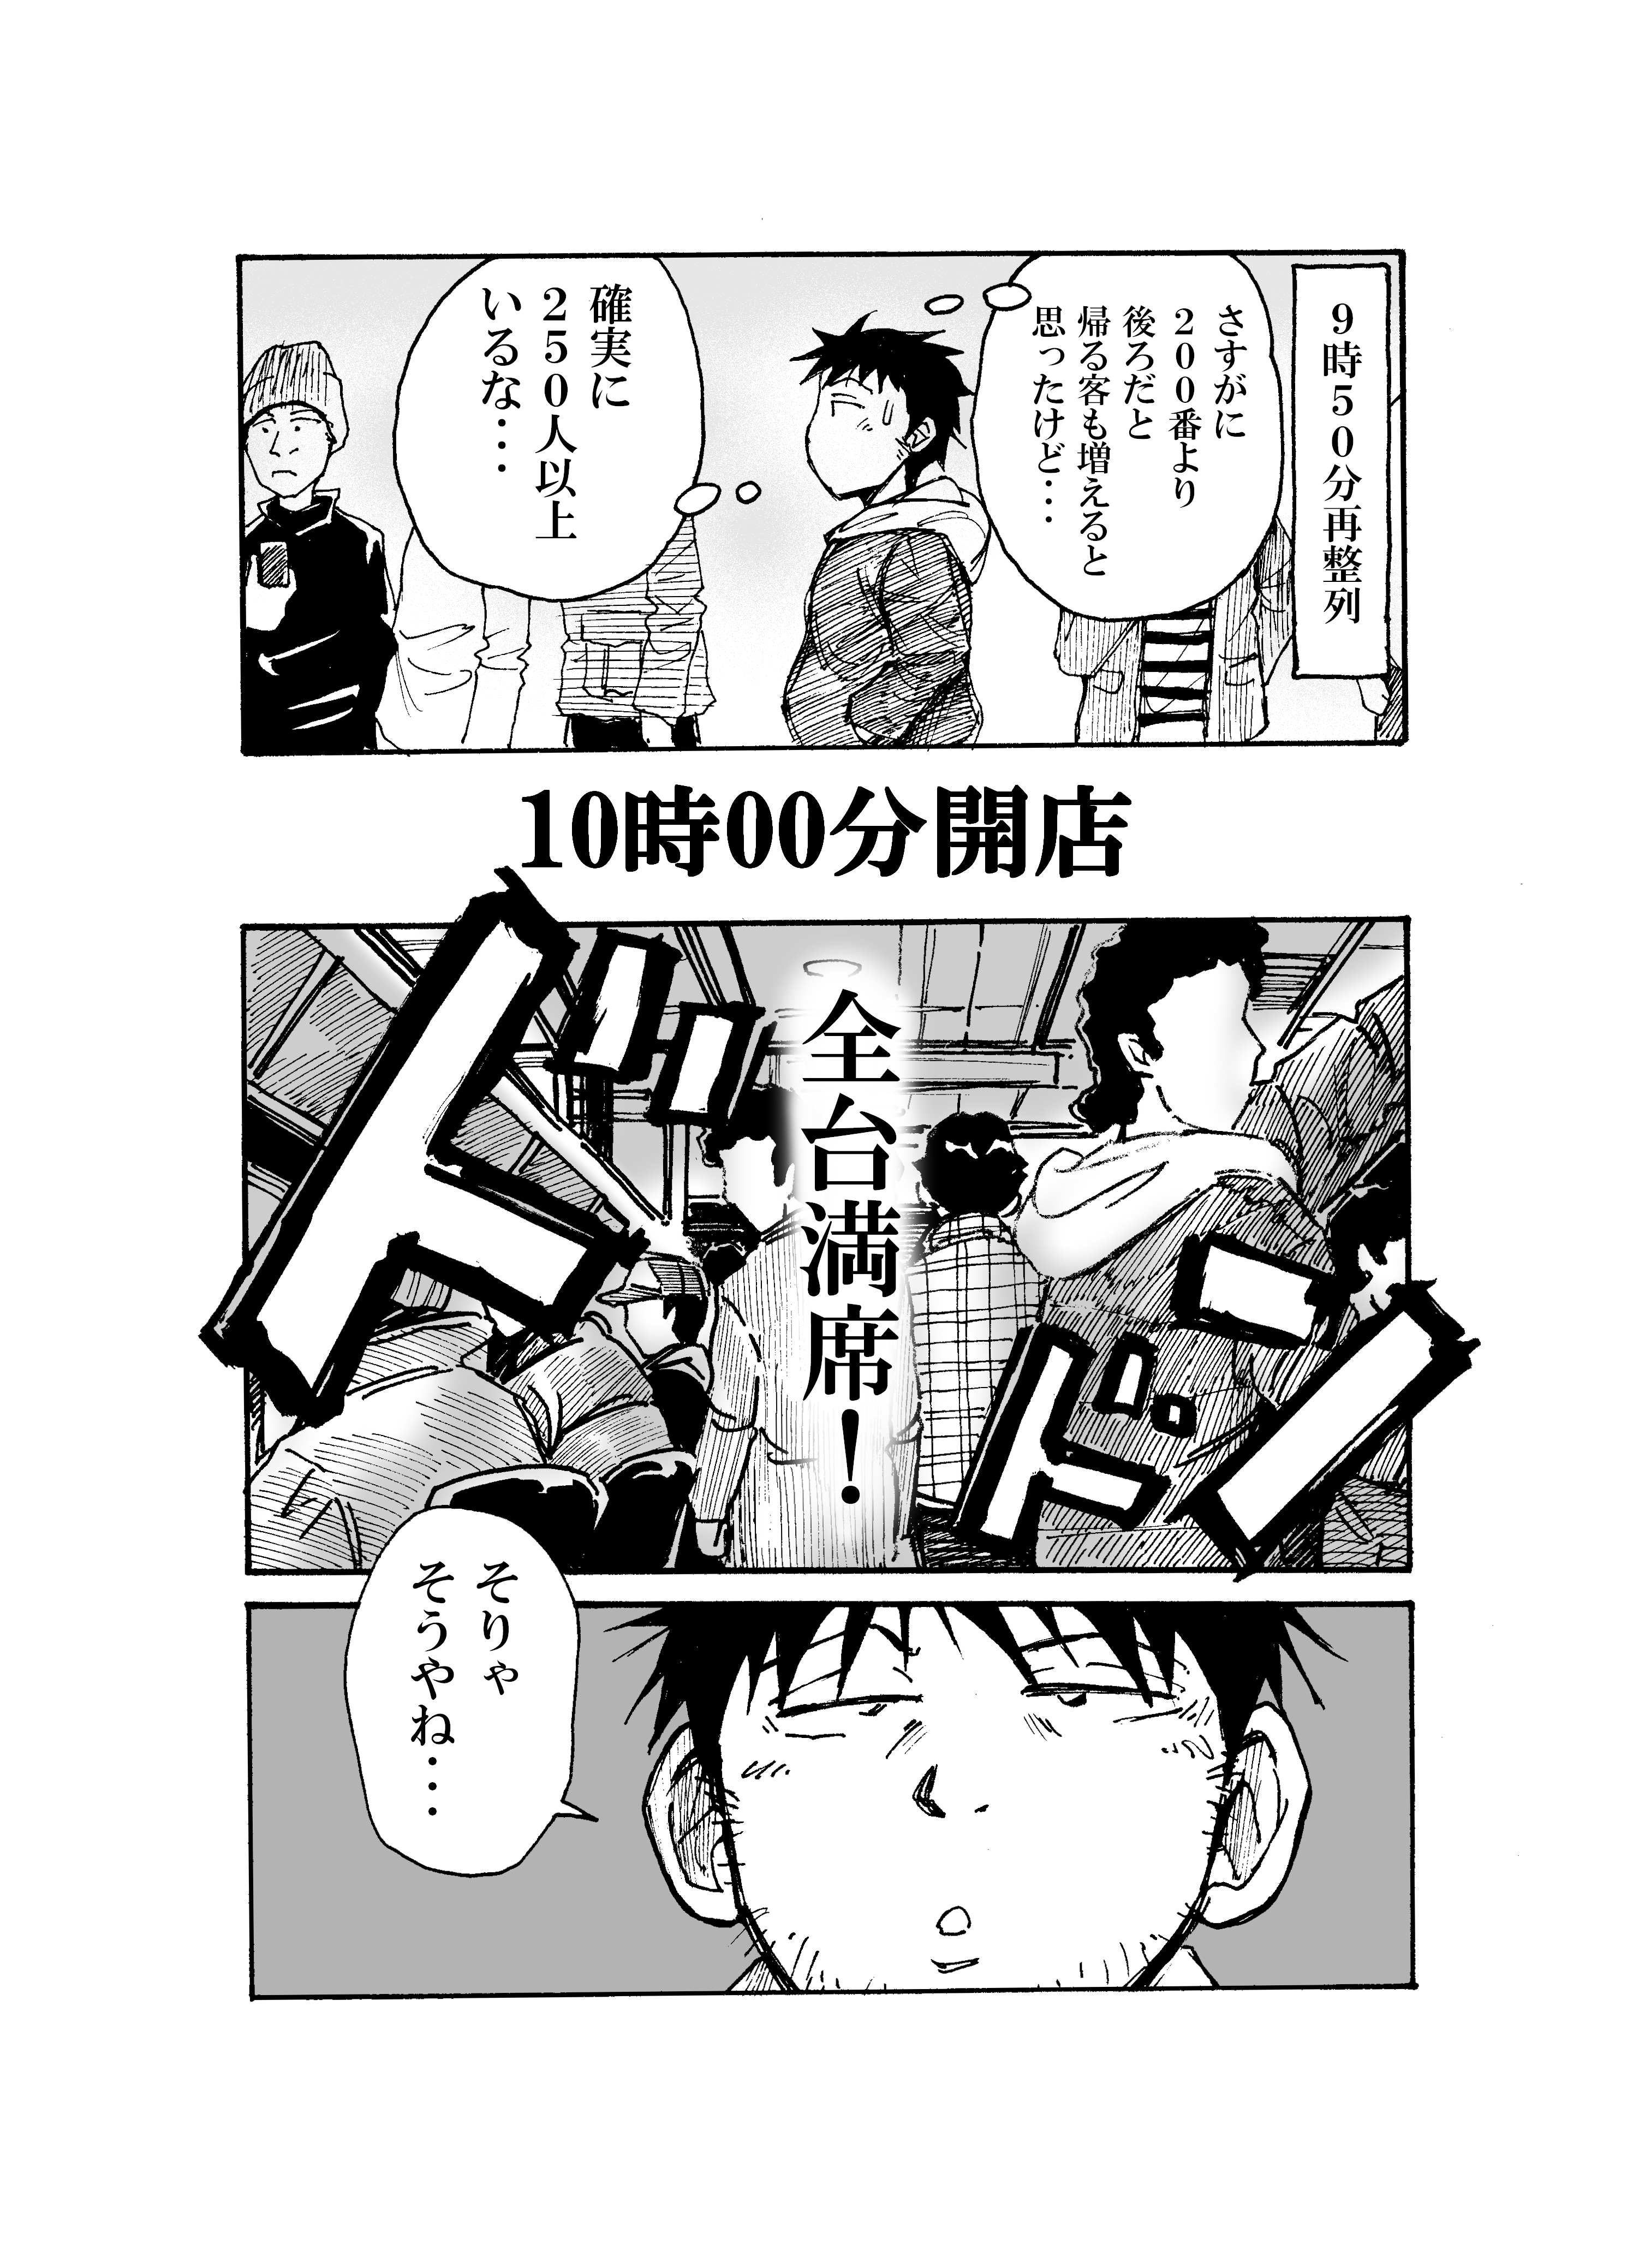 11月1日ワンチャンス③